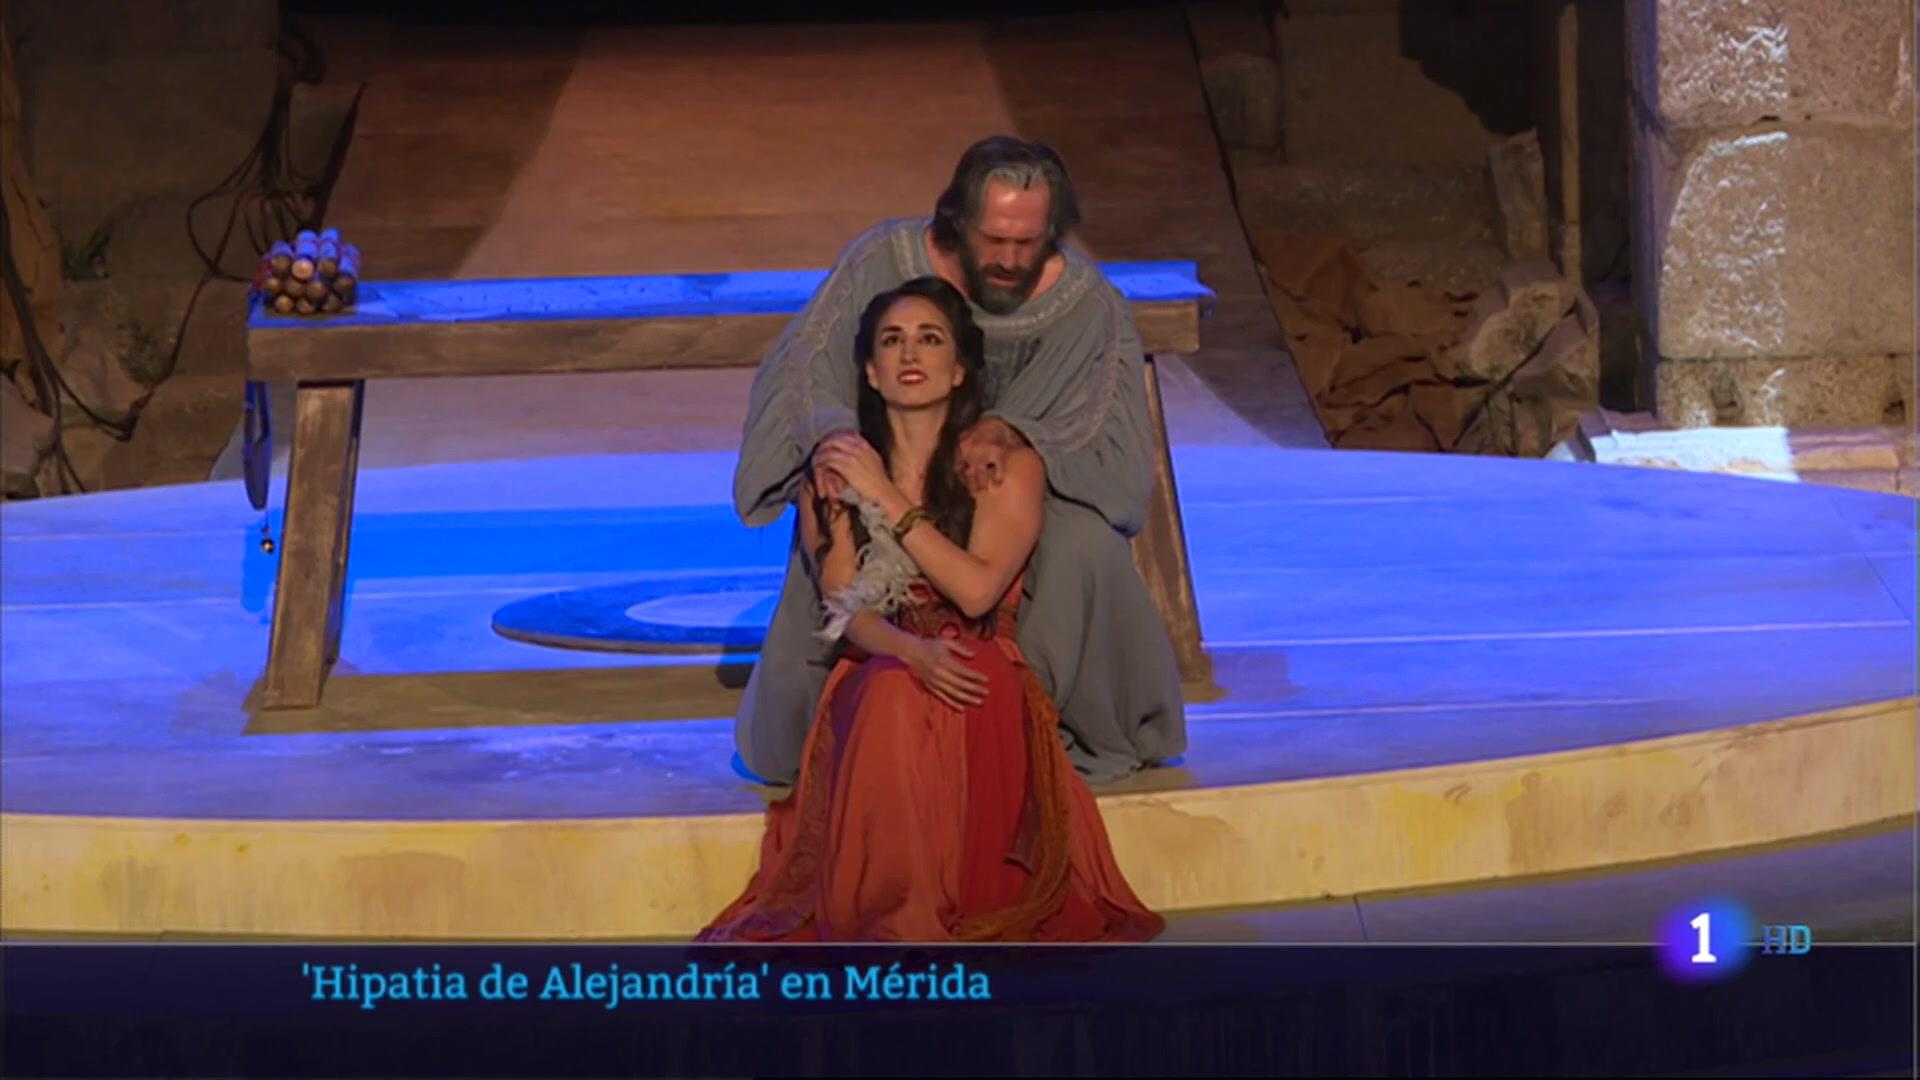 Ir al Video'Hipatia de Alejandría' en Mérida